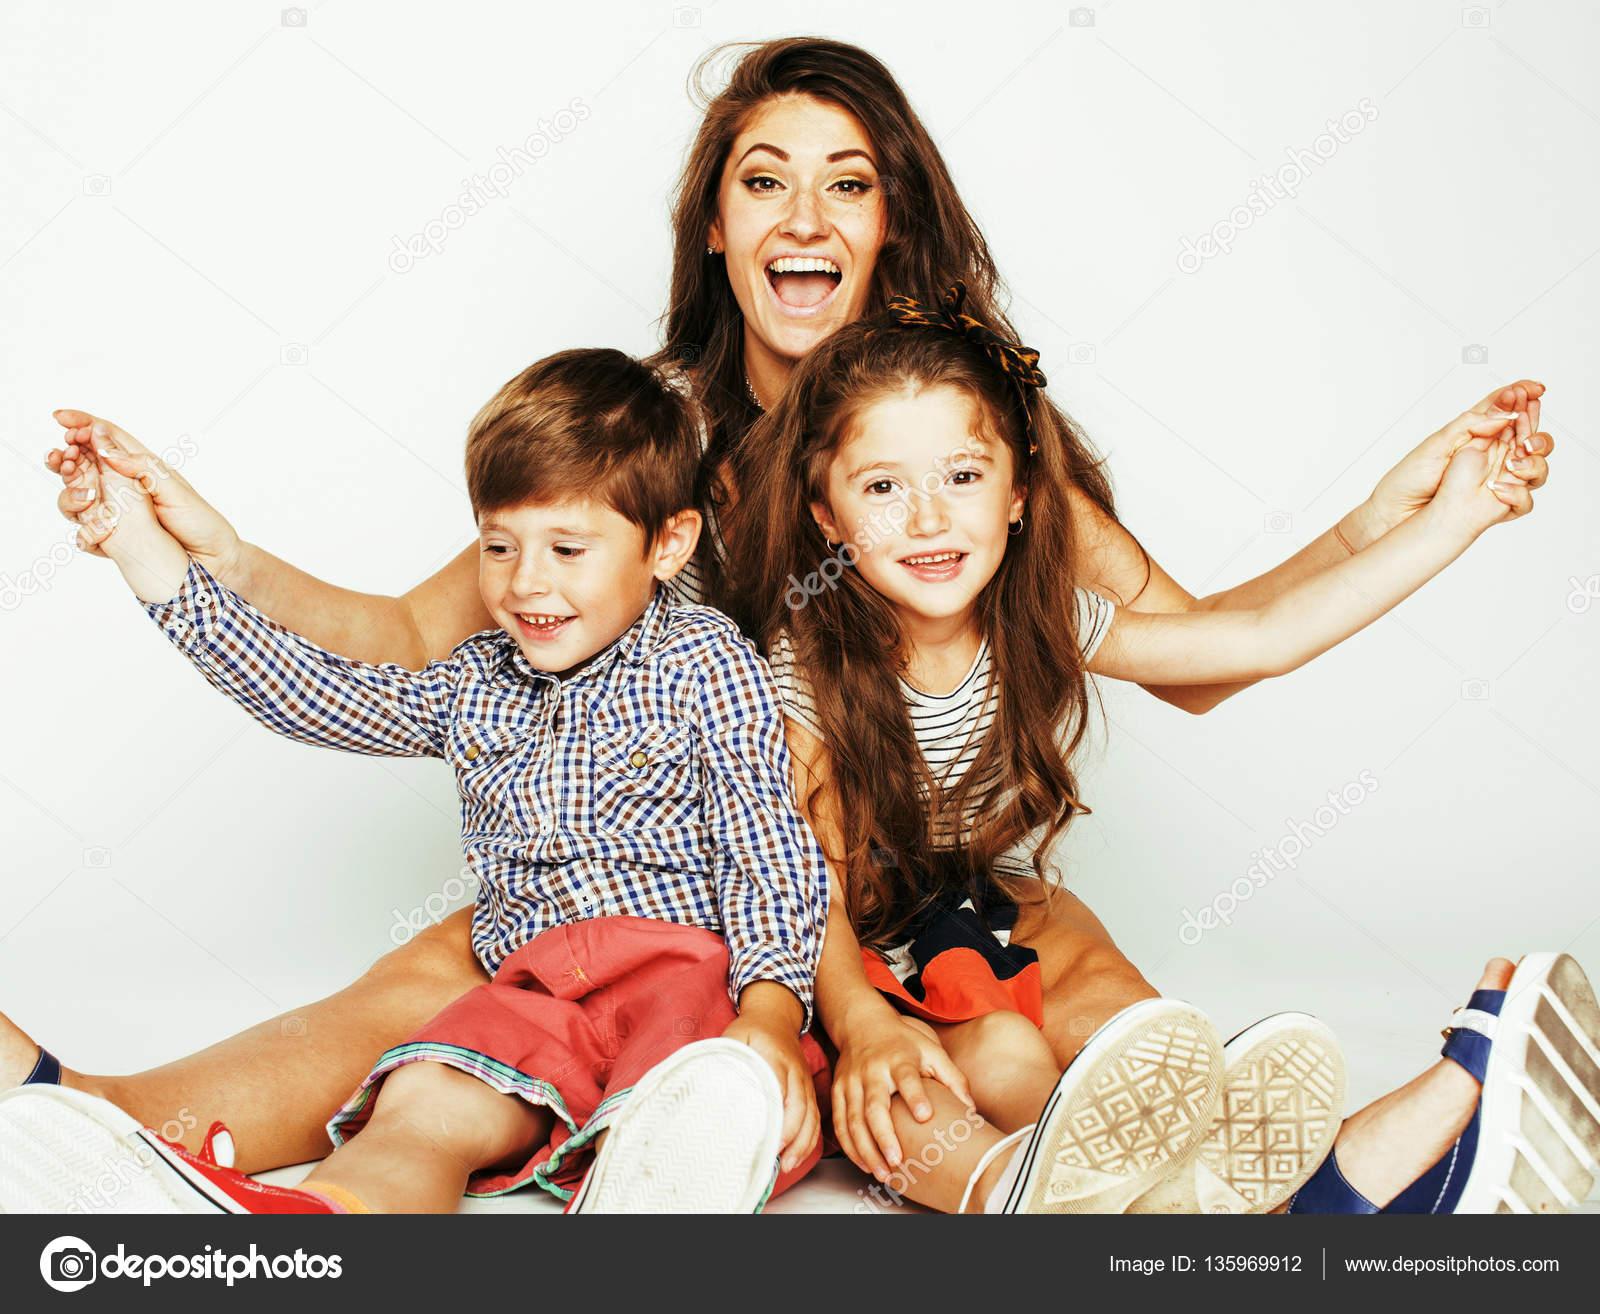 junge mutter mit zwei kindern auf wei em hintergrund gl cklich l chelnd familie indoor. Black Bedroom Furniture Sets. Home Design Ideas